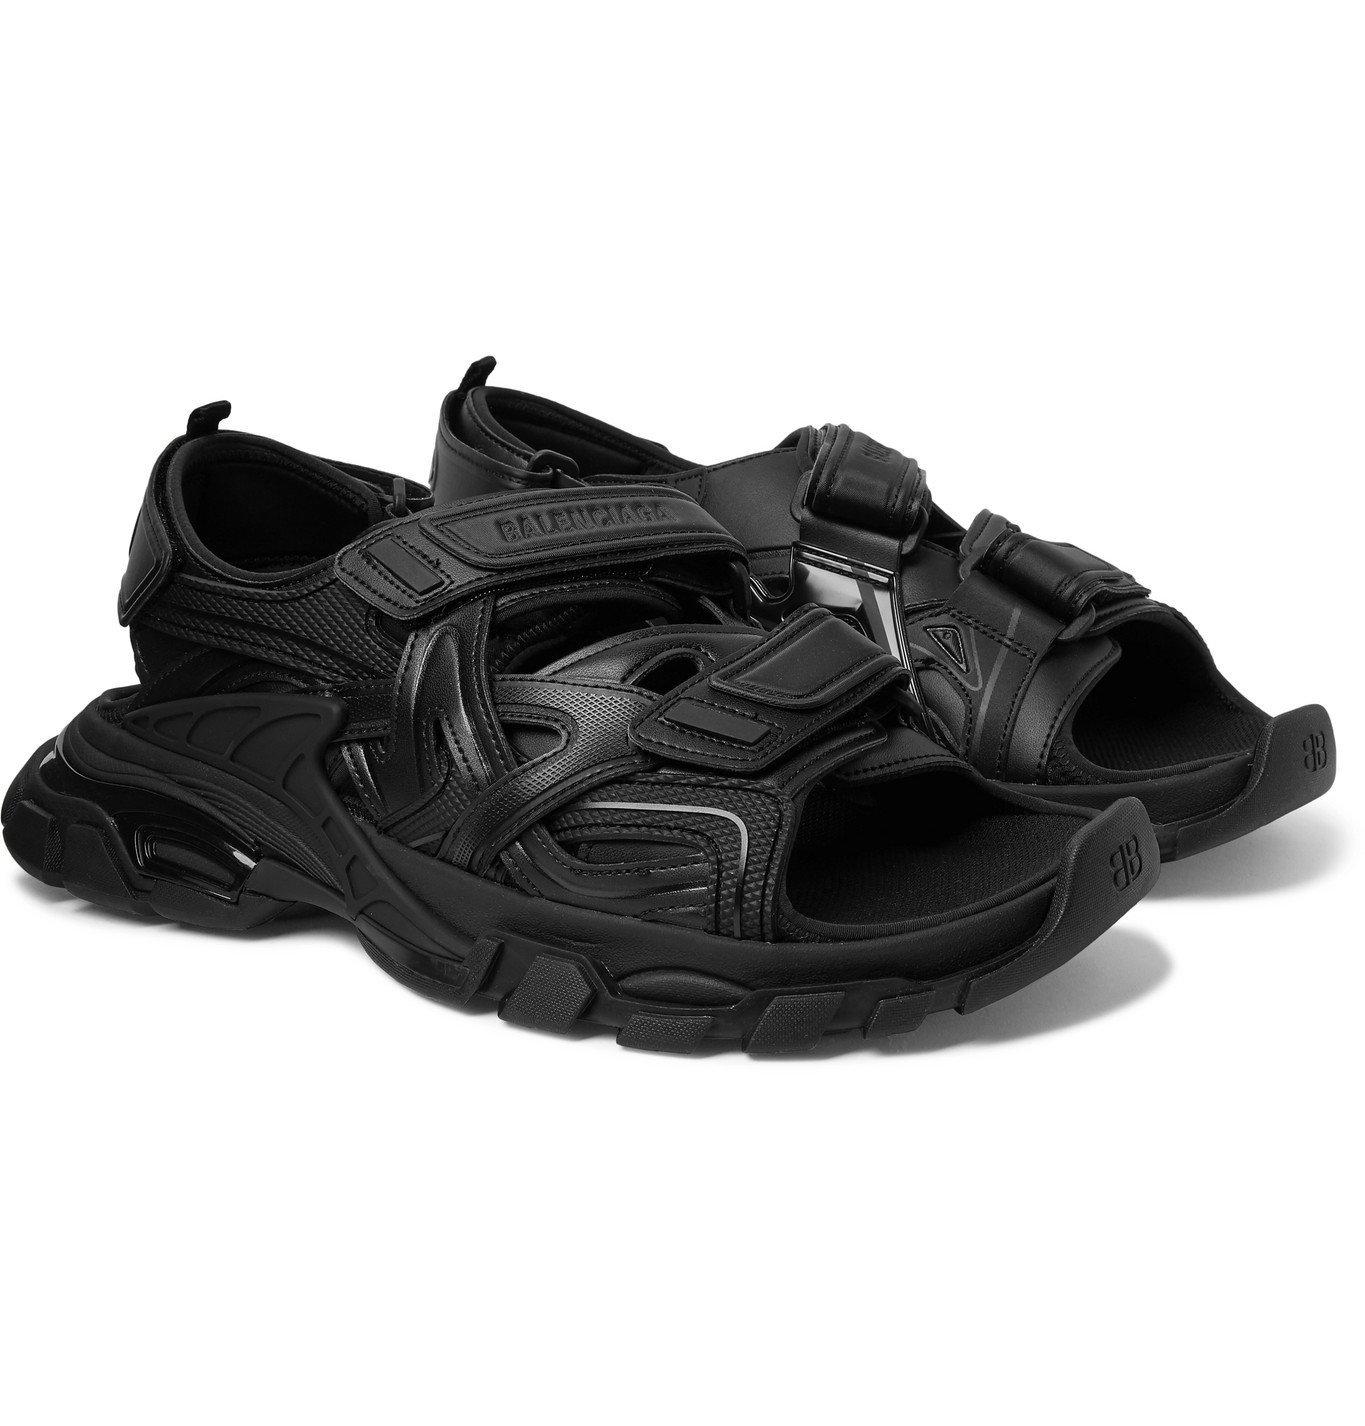 Photo: Balenciaga - Track Neoprene and Rubber Sandals - Black